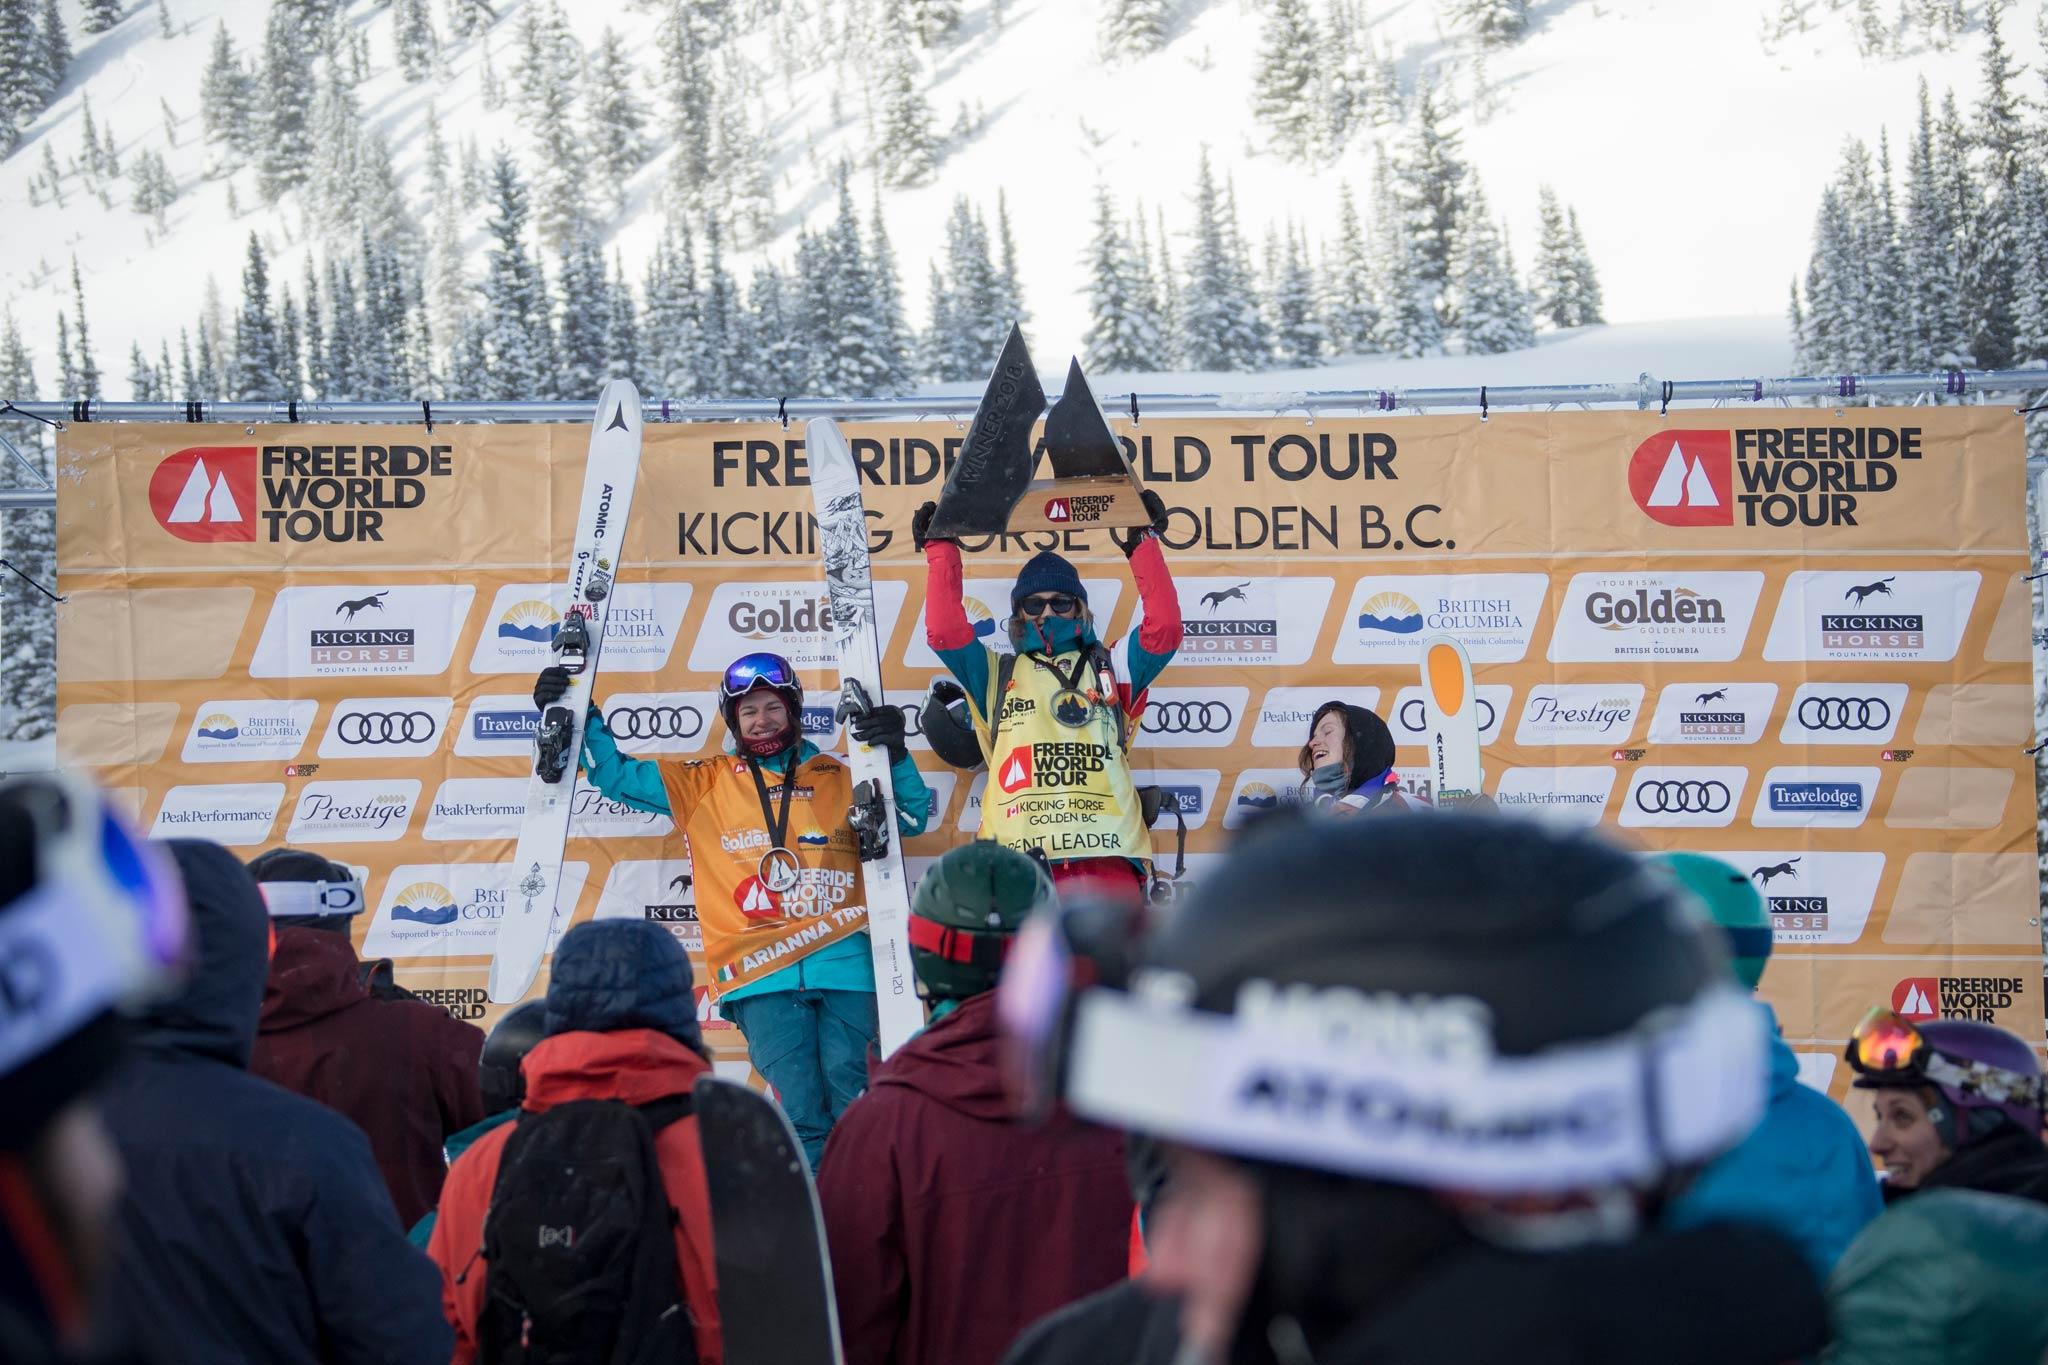 Pehota und Walkner gewinnen Freeride World Tour Premiere in Kicking Horse (British Columbia)